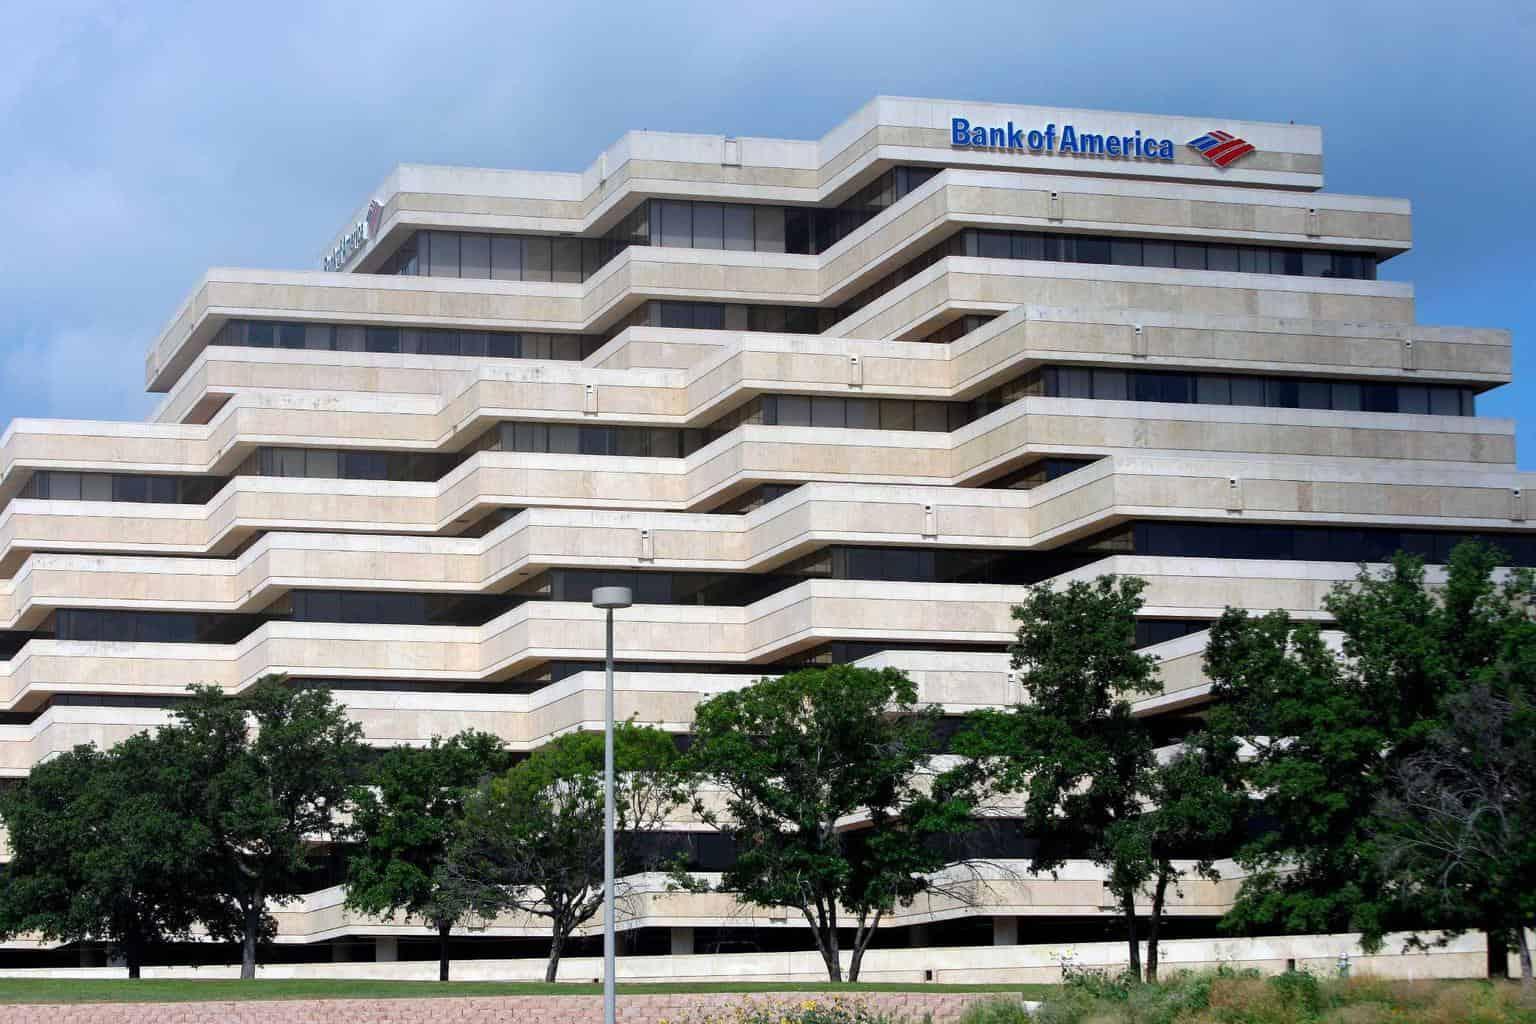 Bank of America đã từng giữ vị thế hàng đầu thế giới trong nhiều năm liền